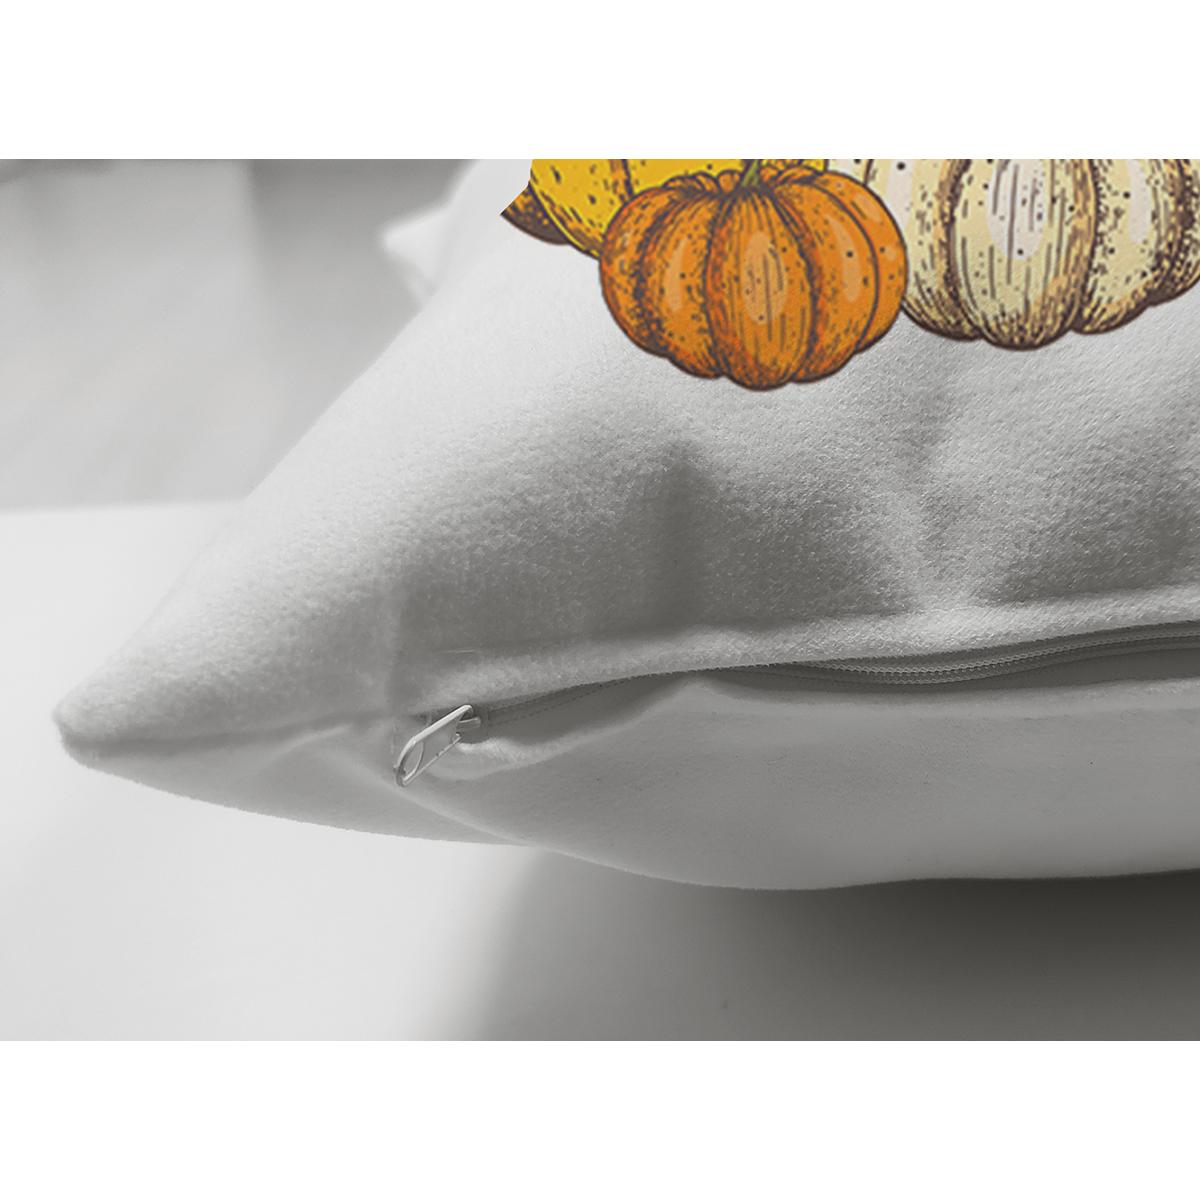 Çift Taraflı Beyaz Zemin Üzerinde Renkli Balkabağı Desenli Dijital Baskılı Modern Süet Yastık Kılıfı Realhomes